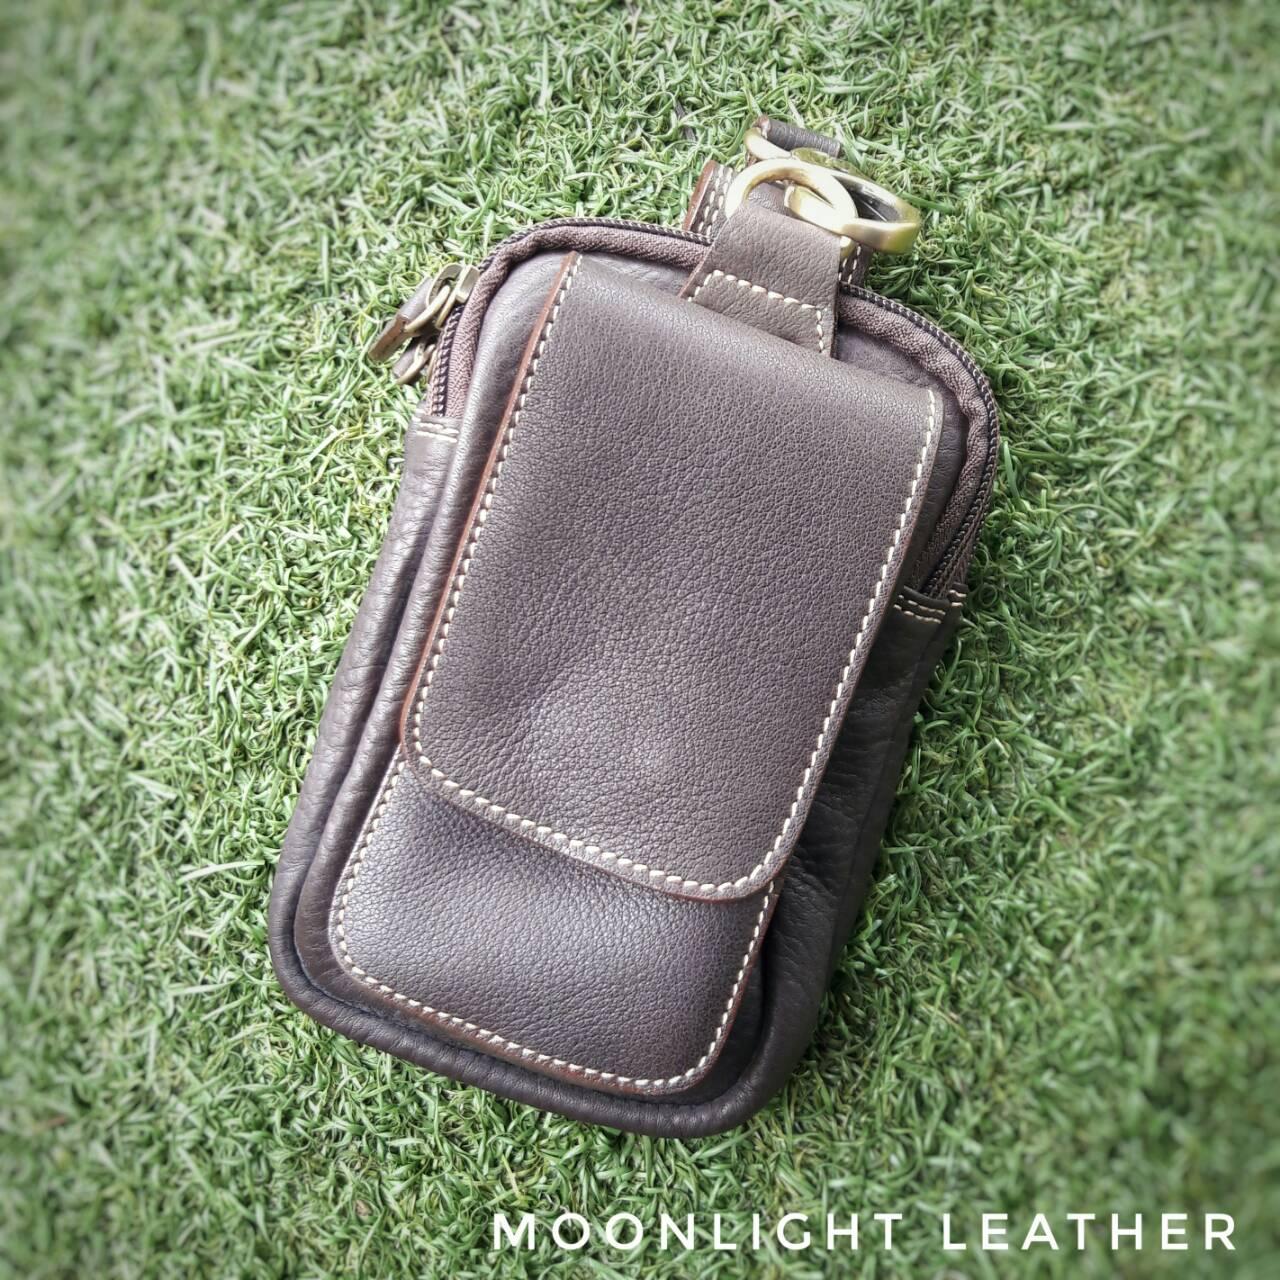 กระเป๋าใส่โทรศัพท์ ร้อยเข็มขัด หนังแท้ รุ่น Belta II สีน้ำตาลเข้ม